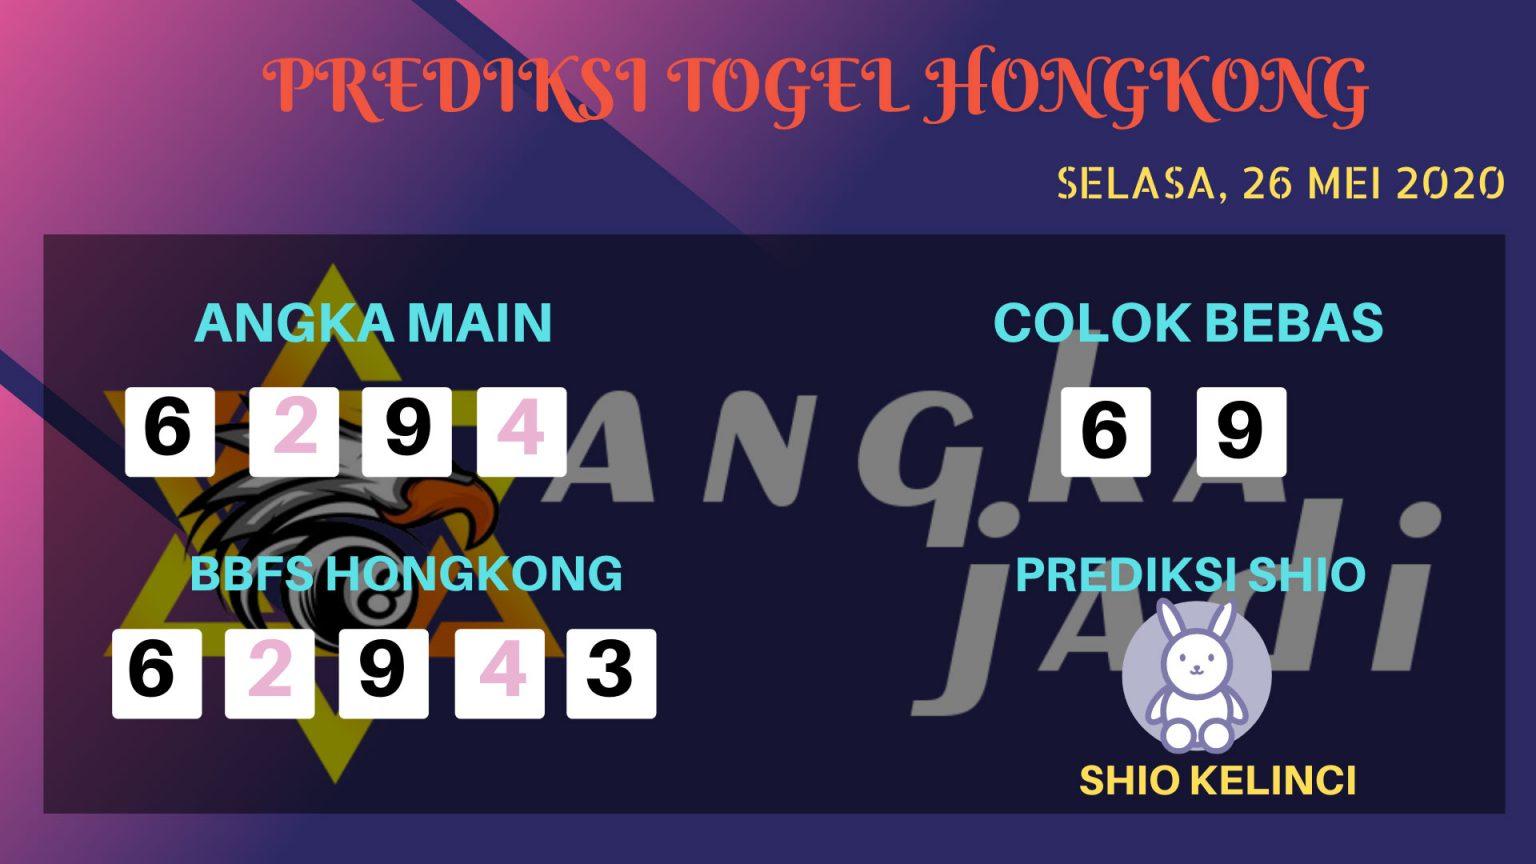 Prediksi Togel Hongkong Selasa 26 Mei 2020 - Bocoran HK